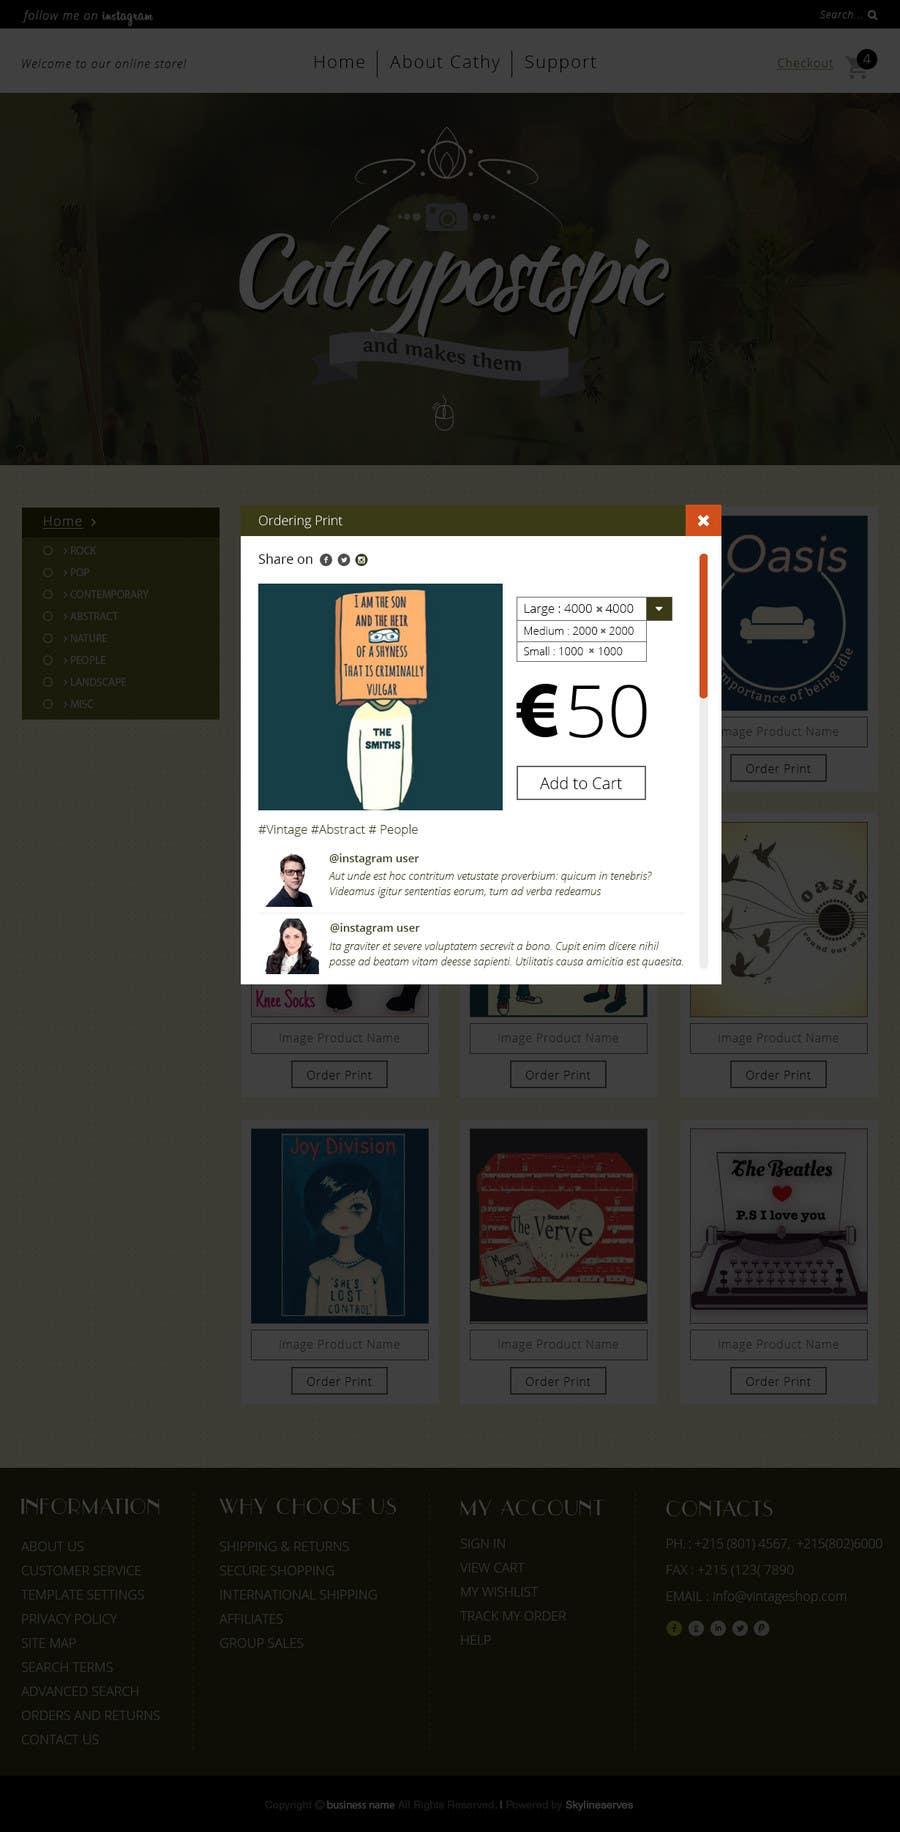 Konkurrenceindlæg #                                        45                                      for                                         Cathy Posts Pics - Website Design